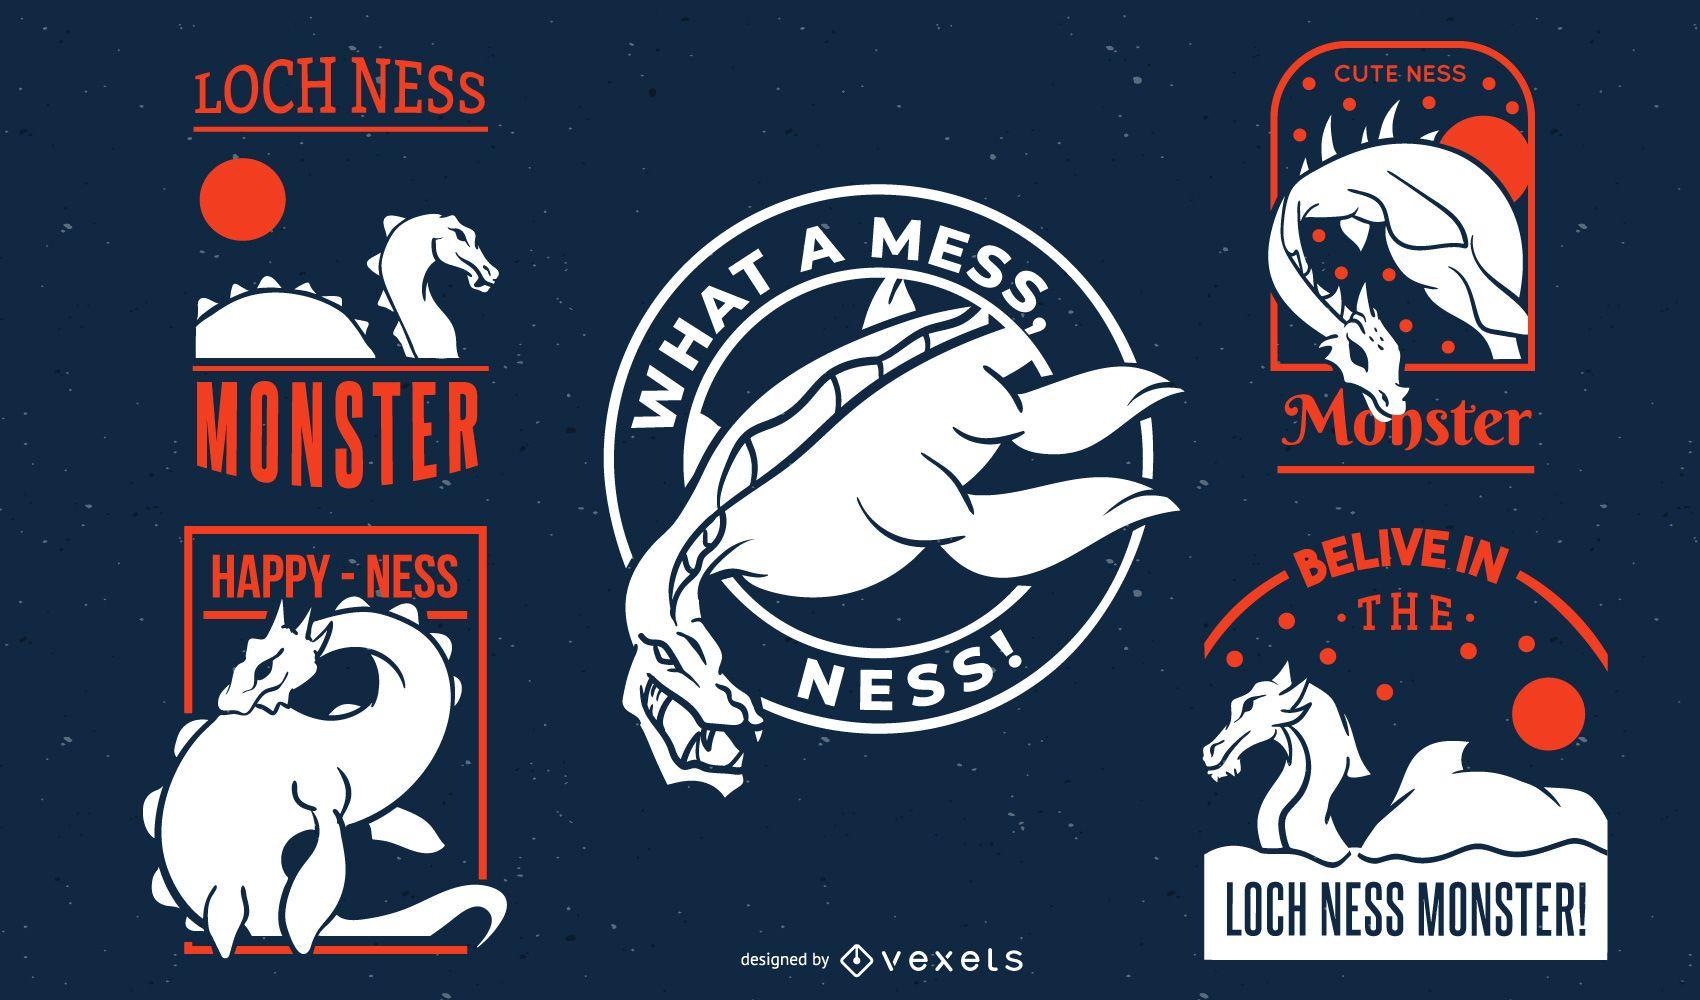 Colecci?n de insignias del monstruo del lago Ness